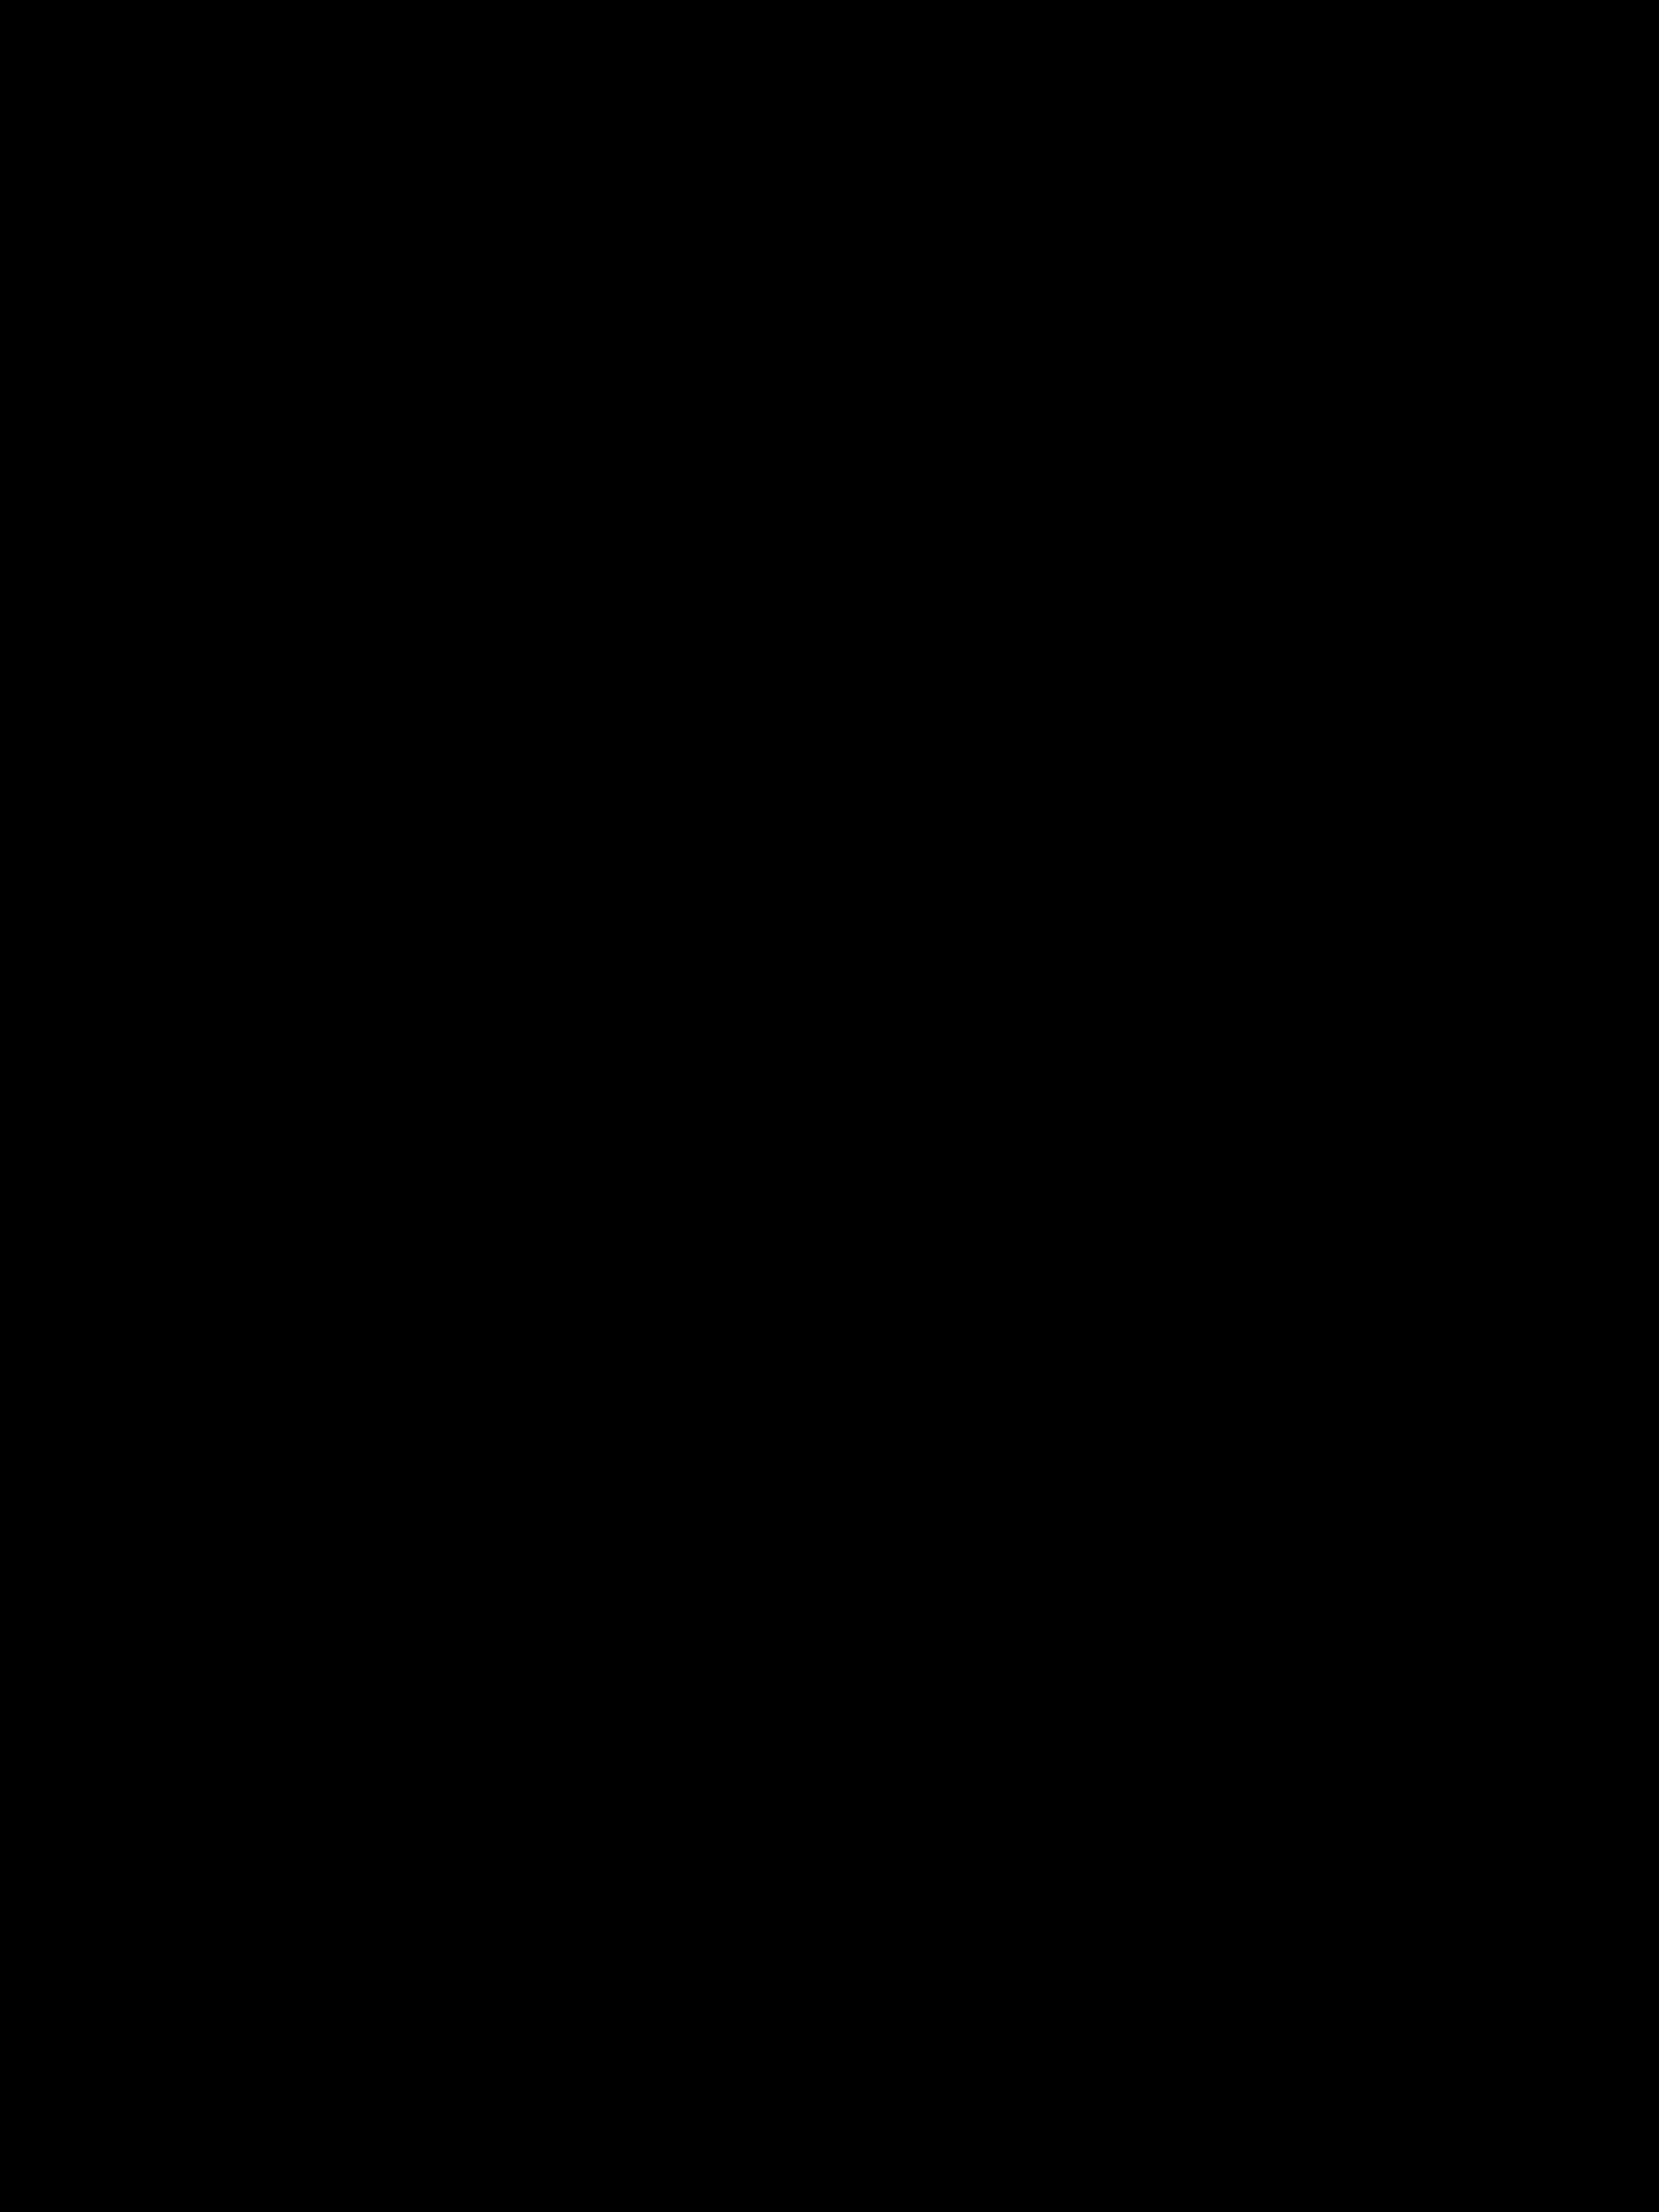 Capoeira martial arts school needs dreamlike shirt design